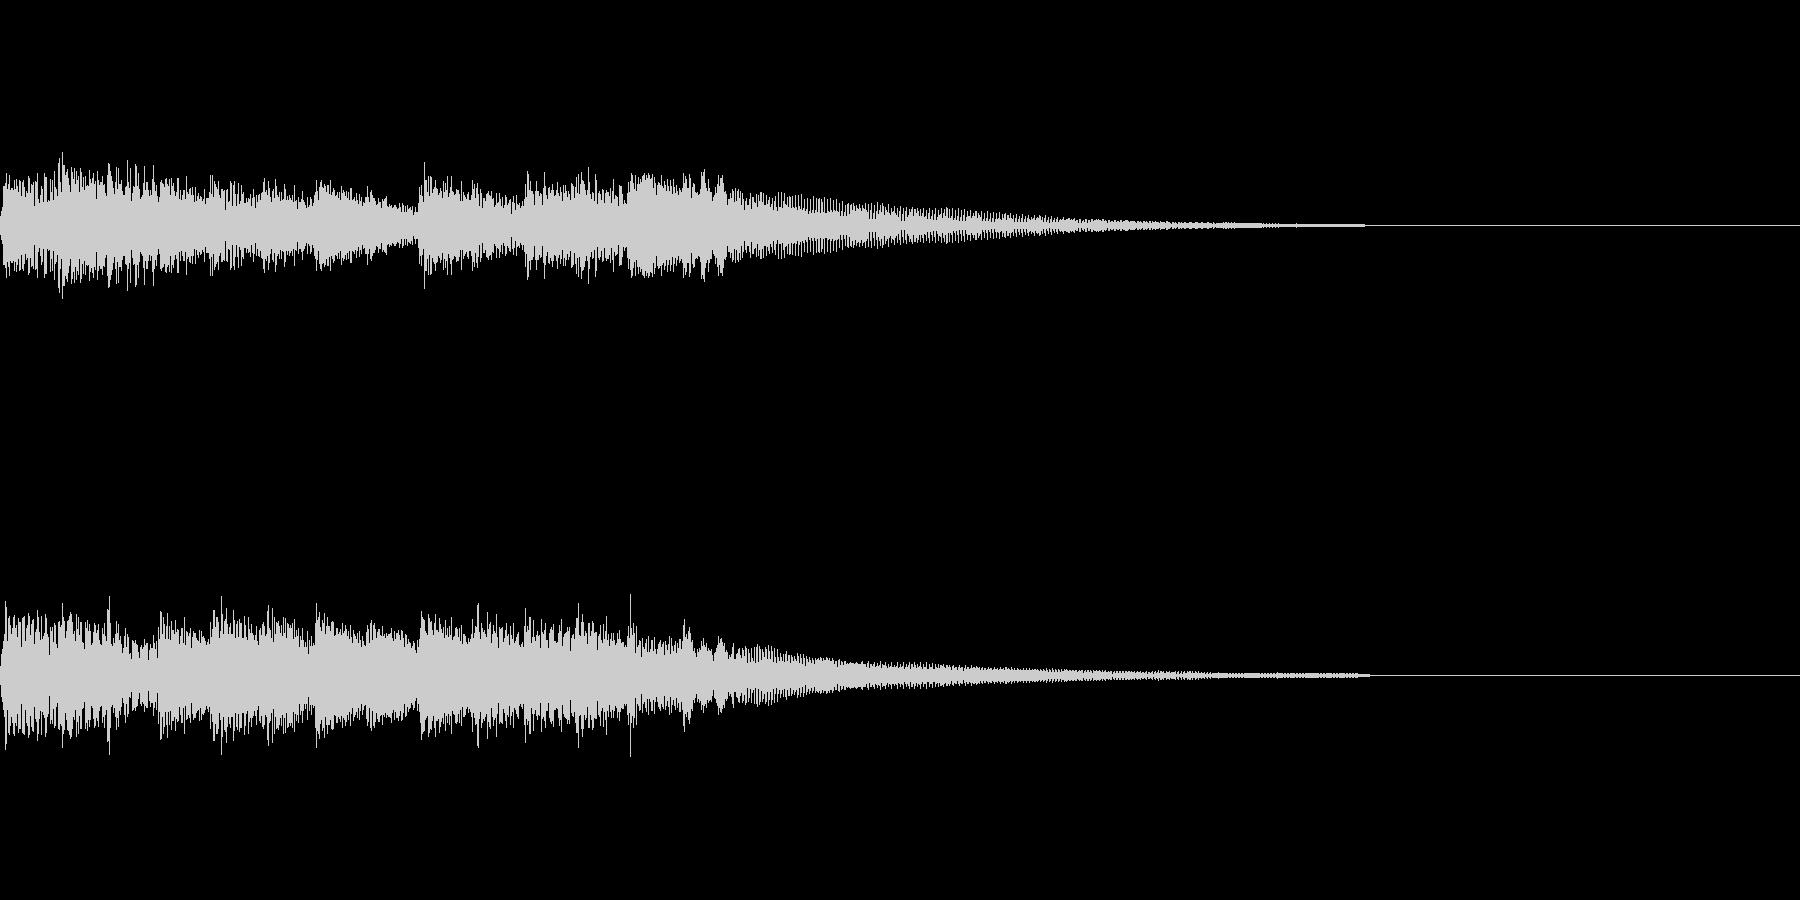 ピアノジングル4、ドキュメンタリー風の未再生の波形